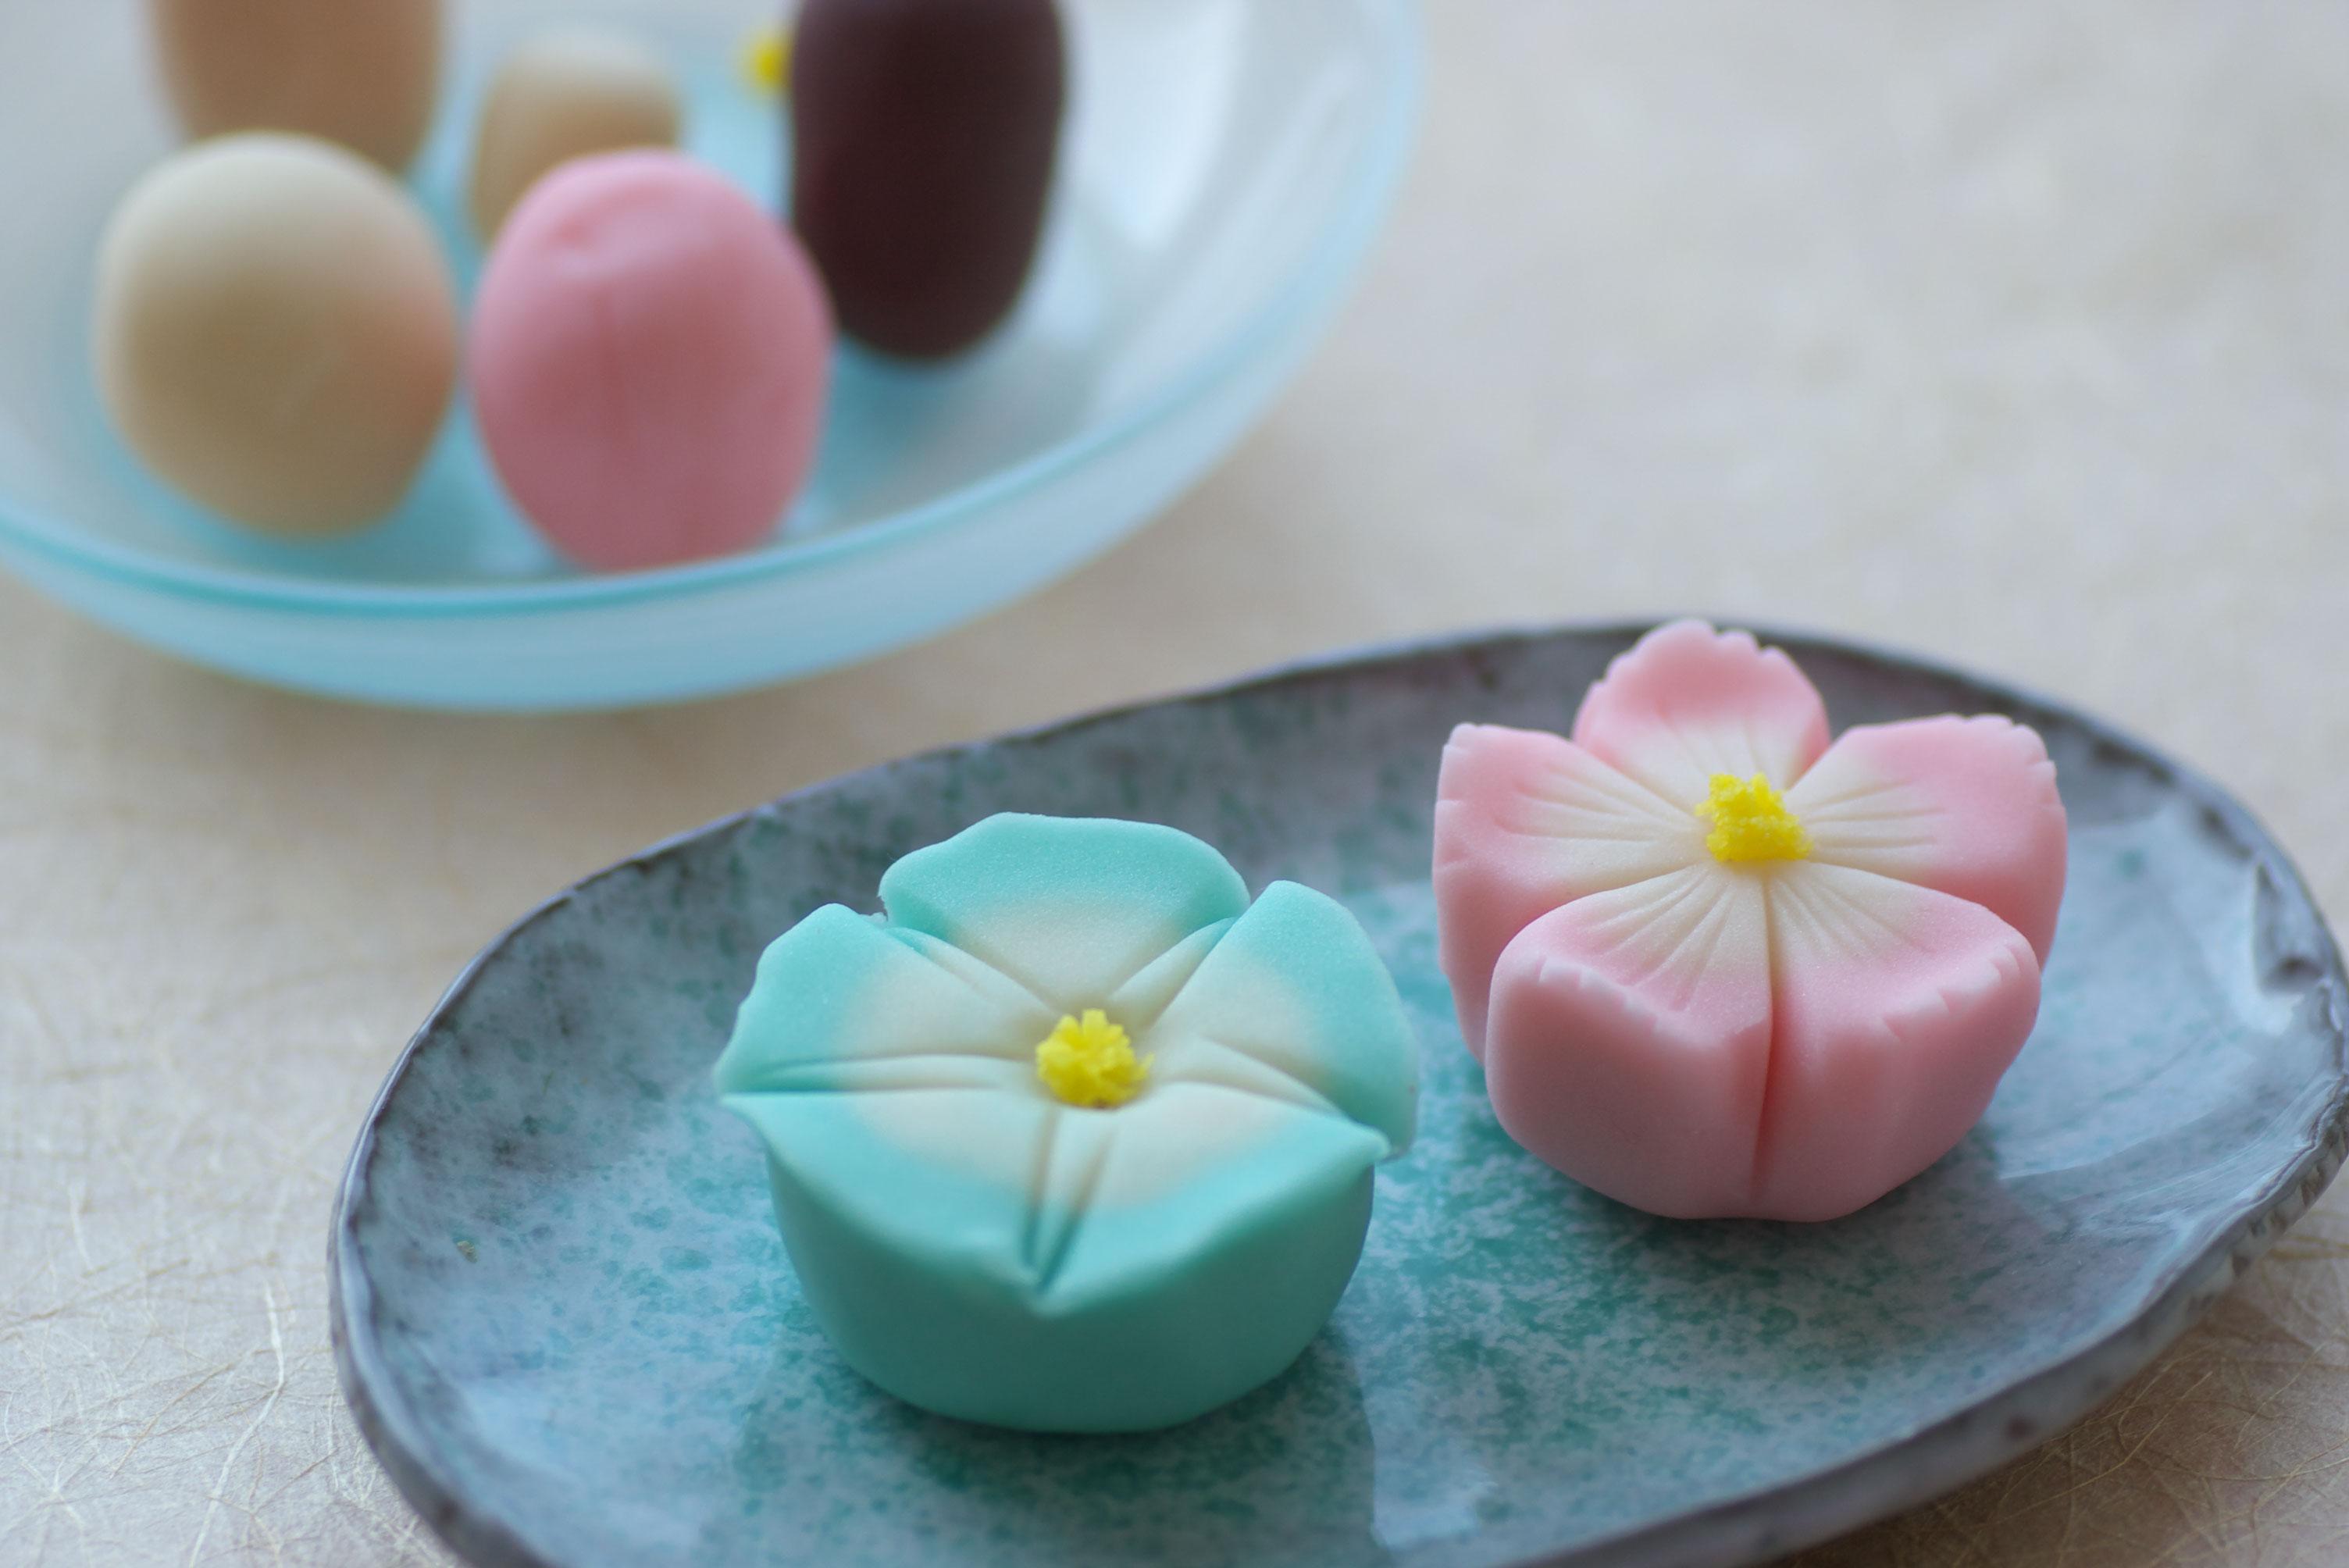 リモートでの和菓子作り体験も行っております。コロナの時でも、ベテランの和菓子職人がご指導させて頂き、和菓子作りを行って頂けます。夏の和菓子キットです。